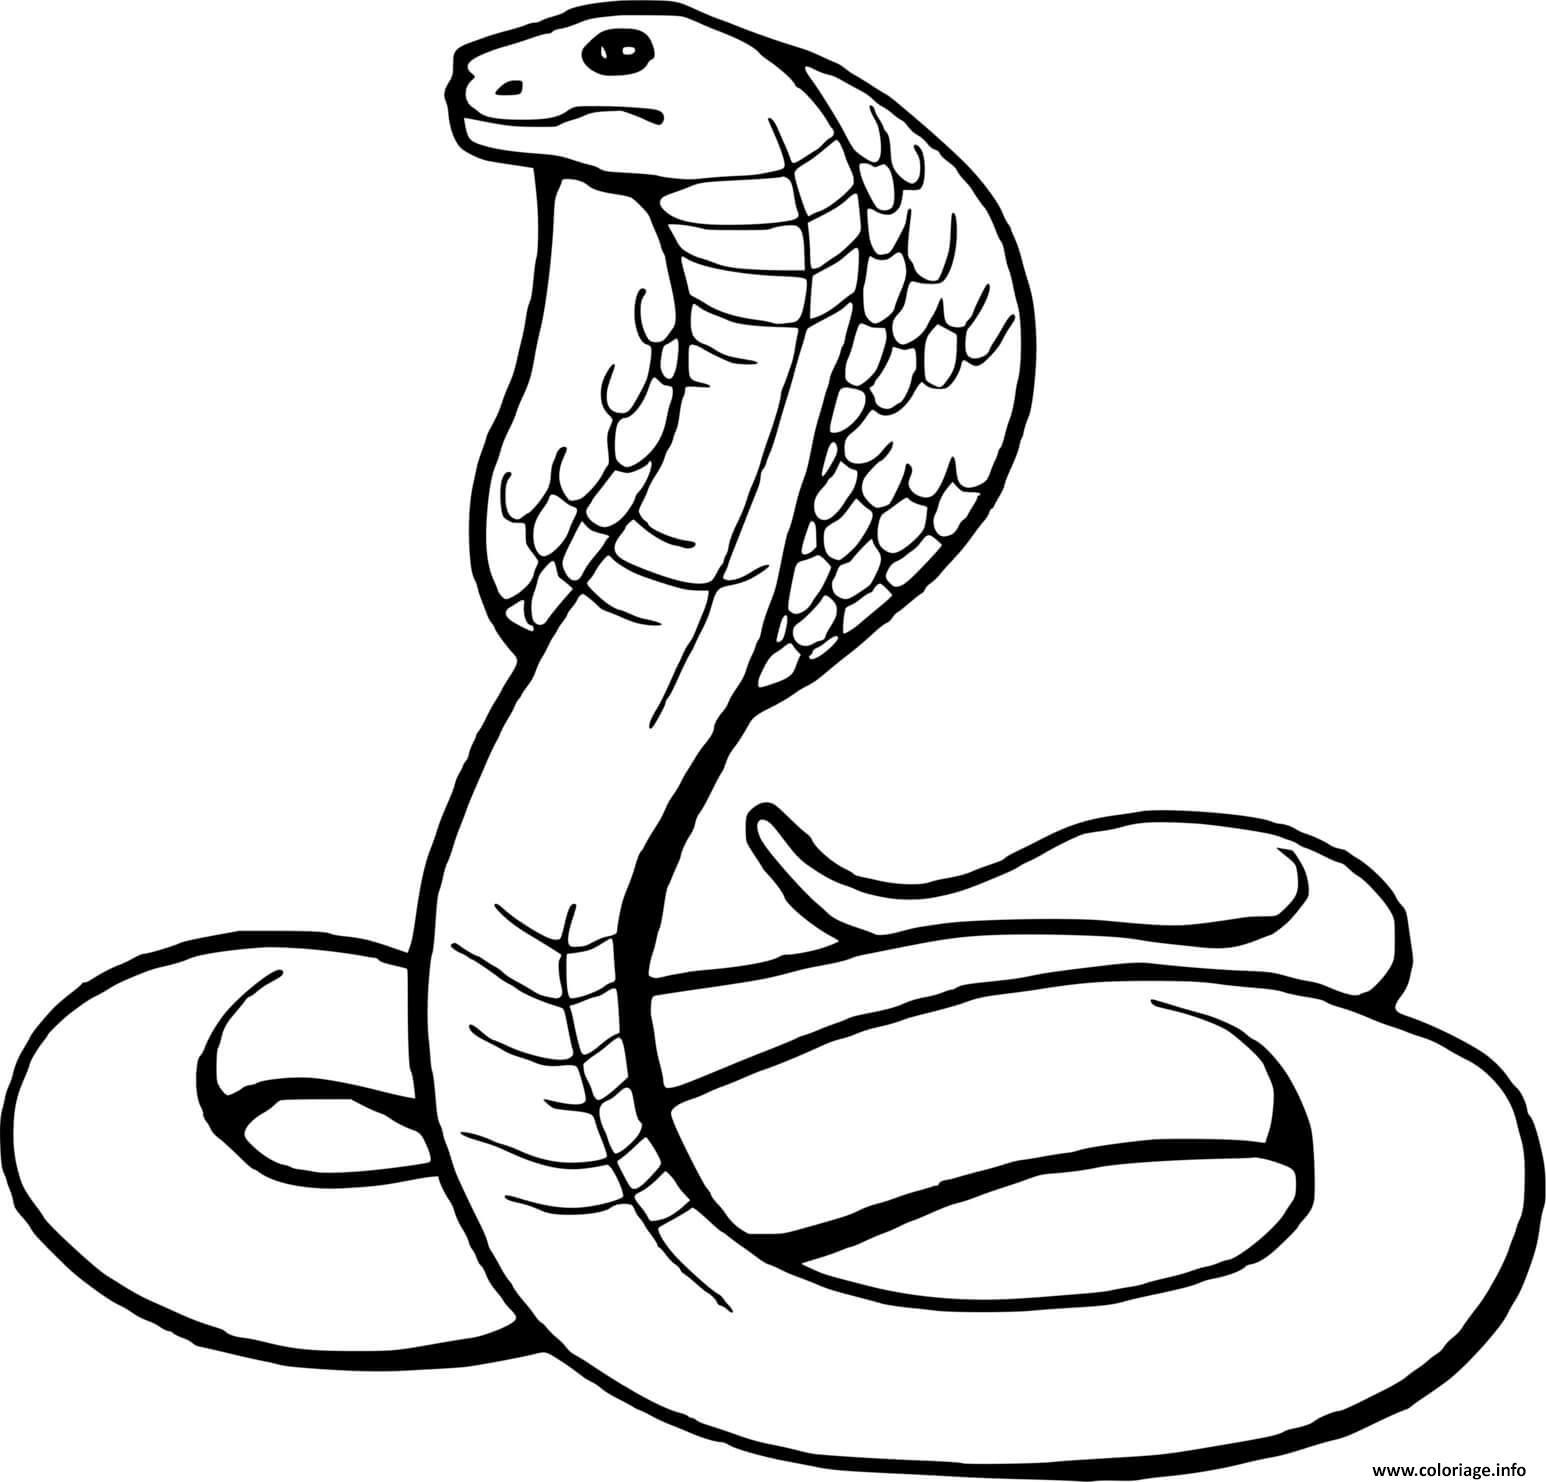 Dessin serpent snake Coloriage Gratuit à Imprimer